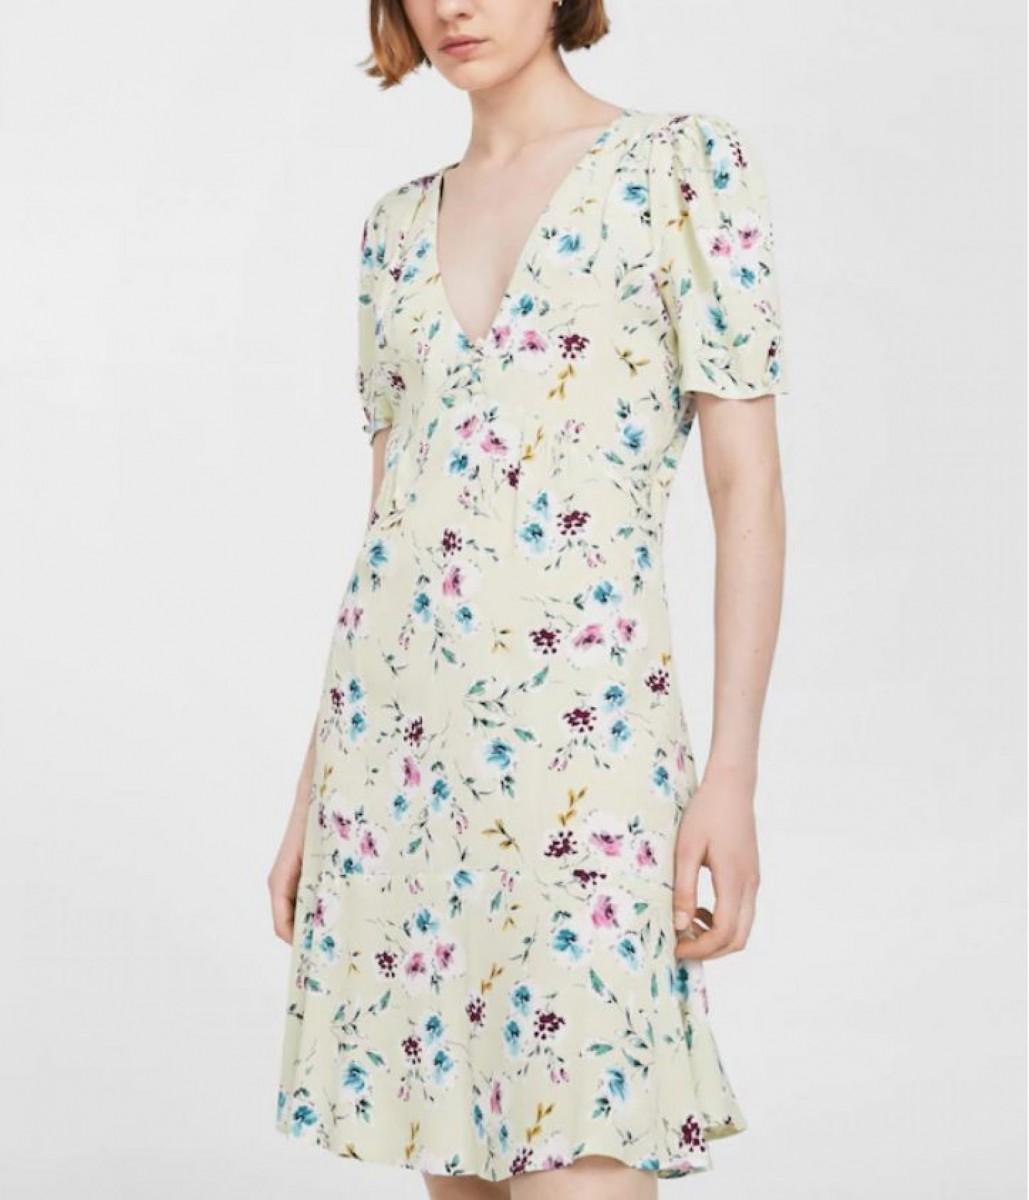 Robe design à fleurs Mango Outlet à 5 euros (avant 39,99 €)